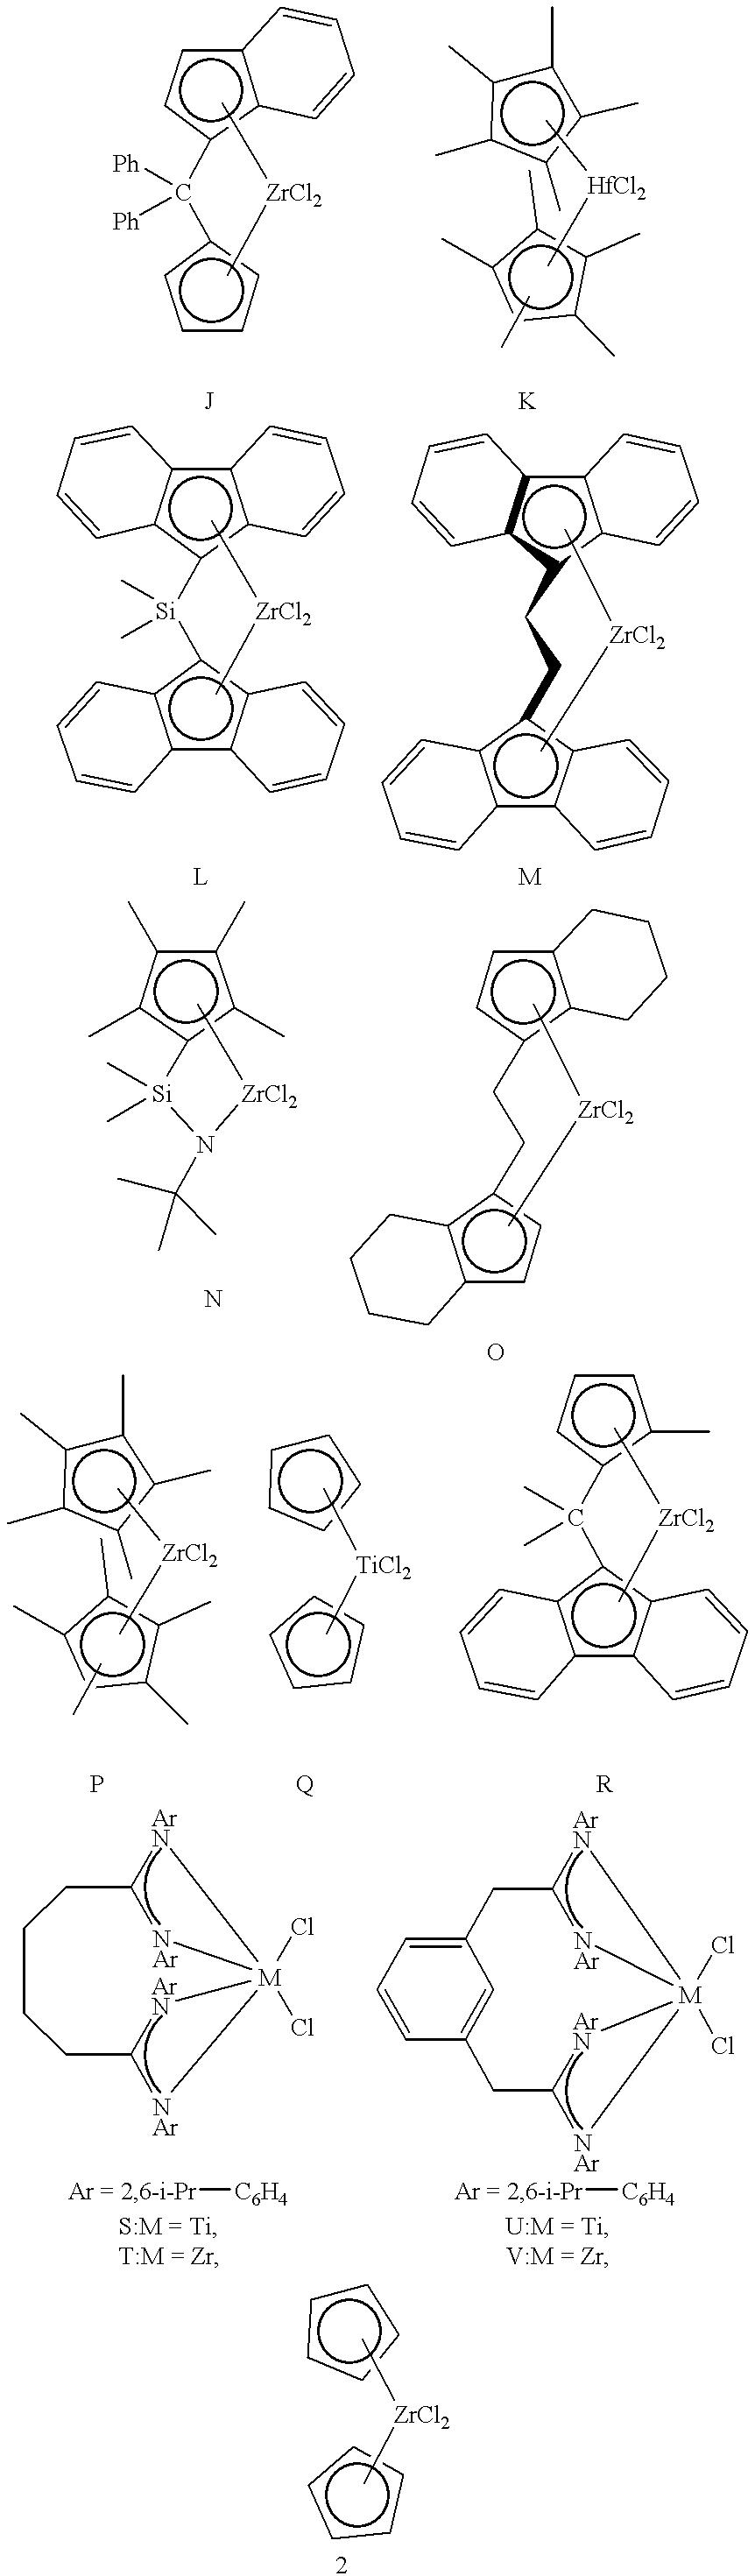 Figure US06214761-20010410-C00035